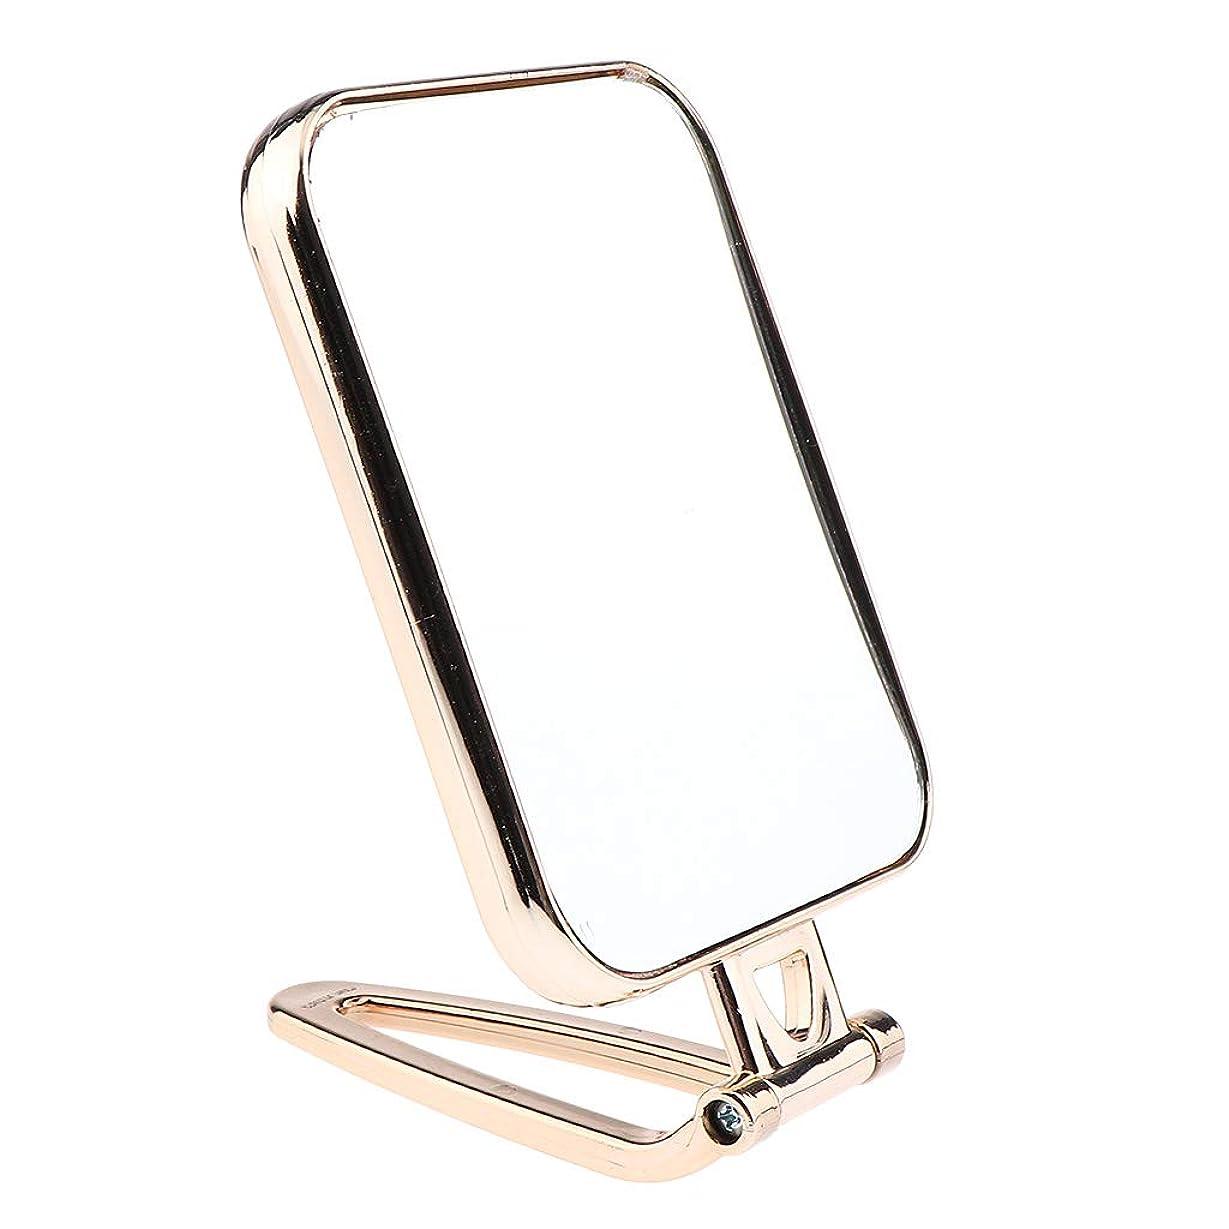 今まで不公平提供されたF Fityle メイクアップミラー 折りたたみ ポータブル 洗面台 卓上 旅行 コンパクトミラー 2タイプ選べ - ゴールド